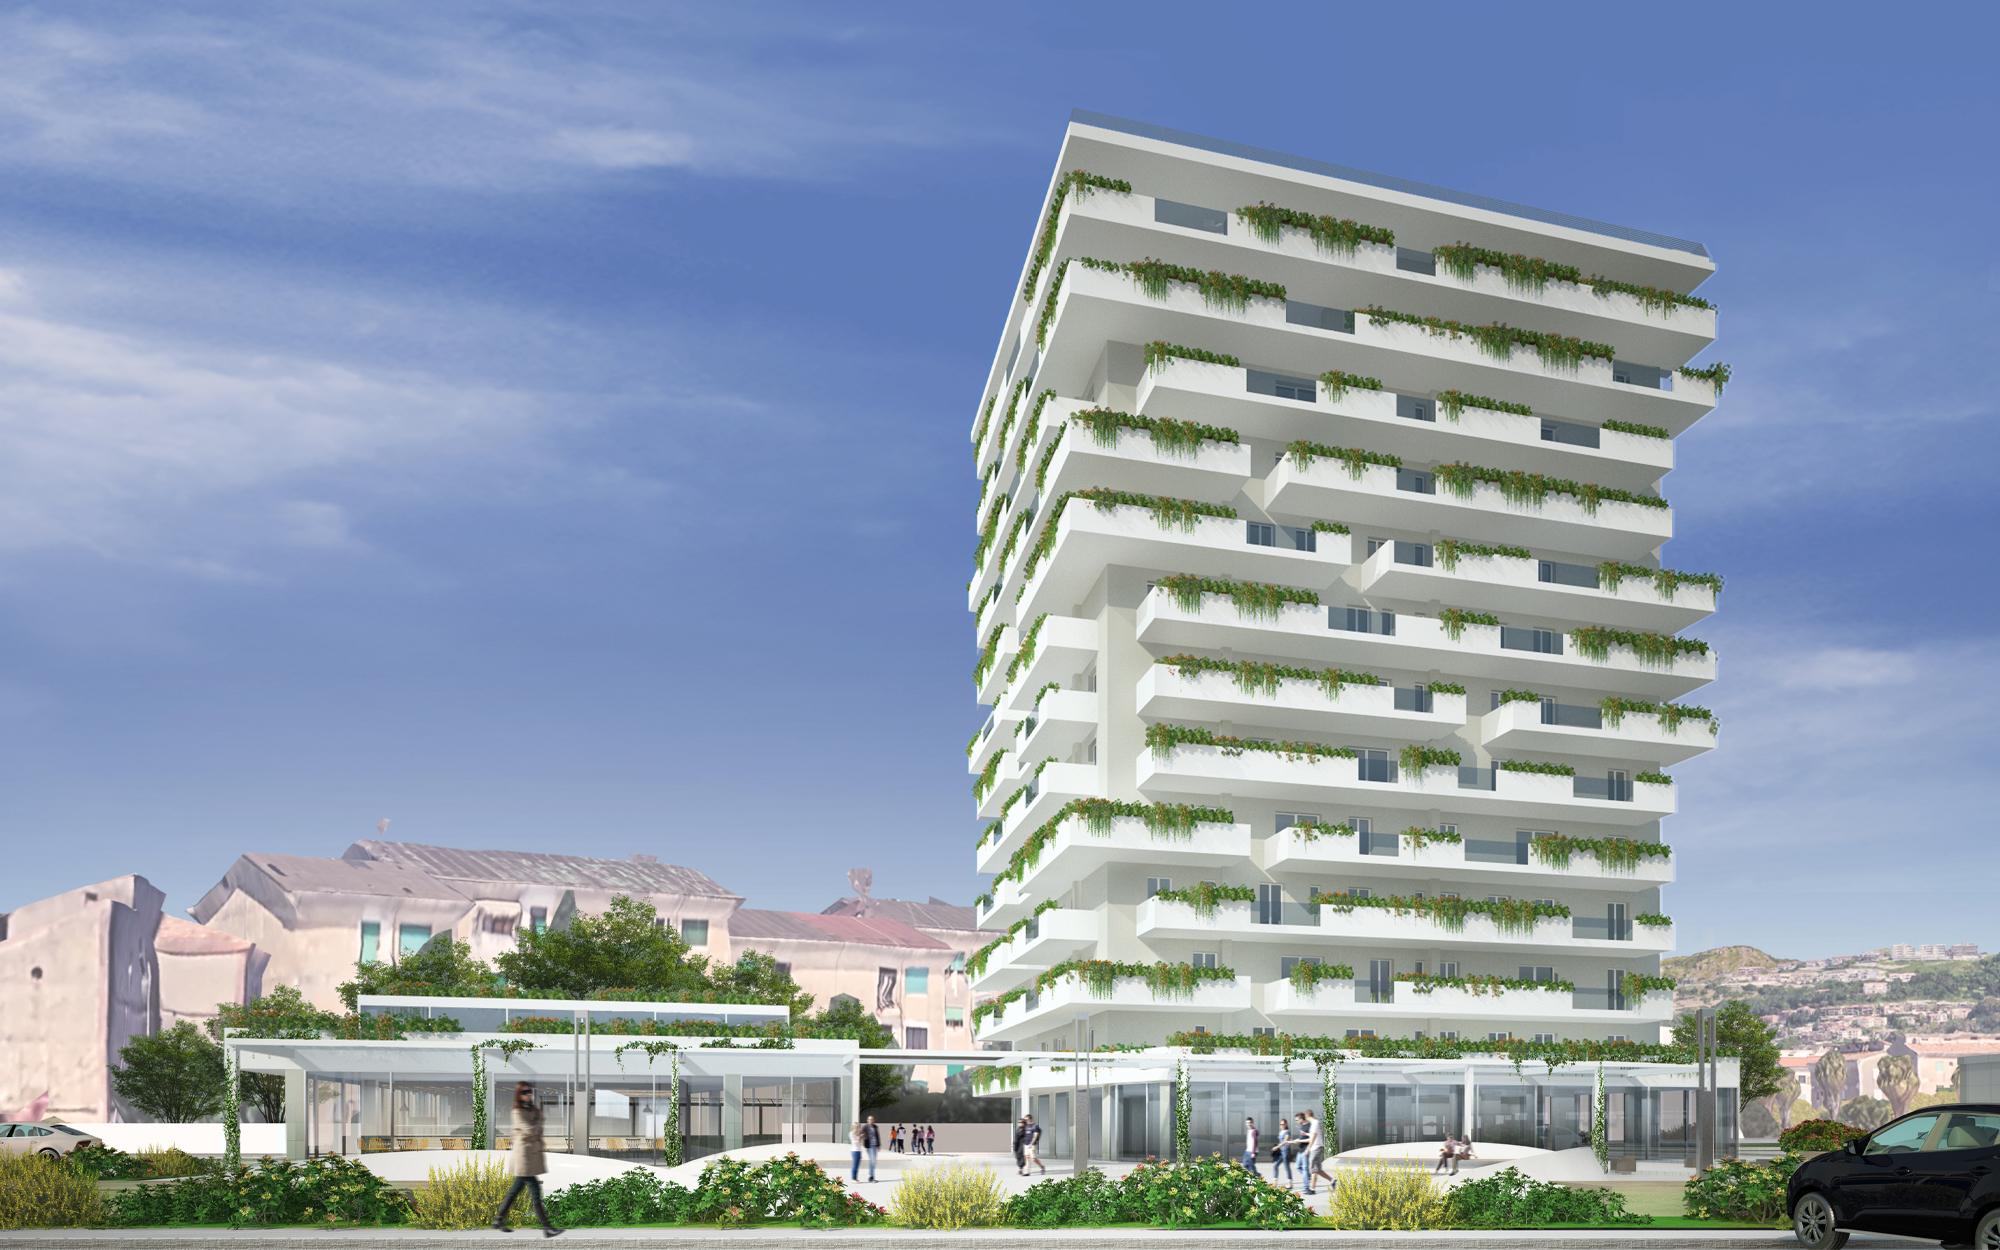 milara-srl-gruppo-postiglione-societa-di-costruzioni-e-vendita-appartamenti-immobili-residenziali-commerciali-cr28-torre-mare-arbostella-004